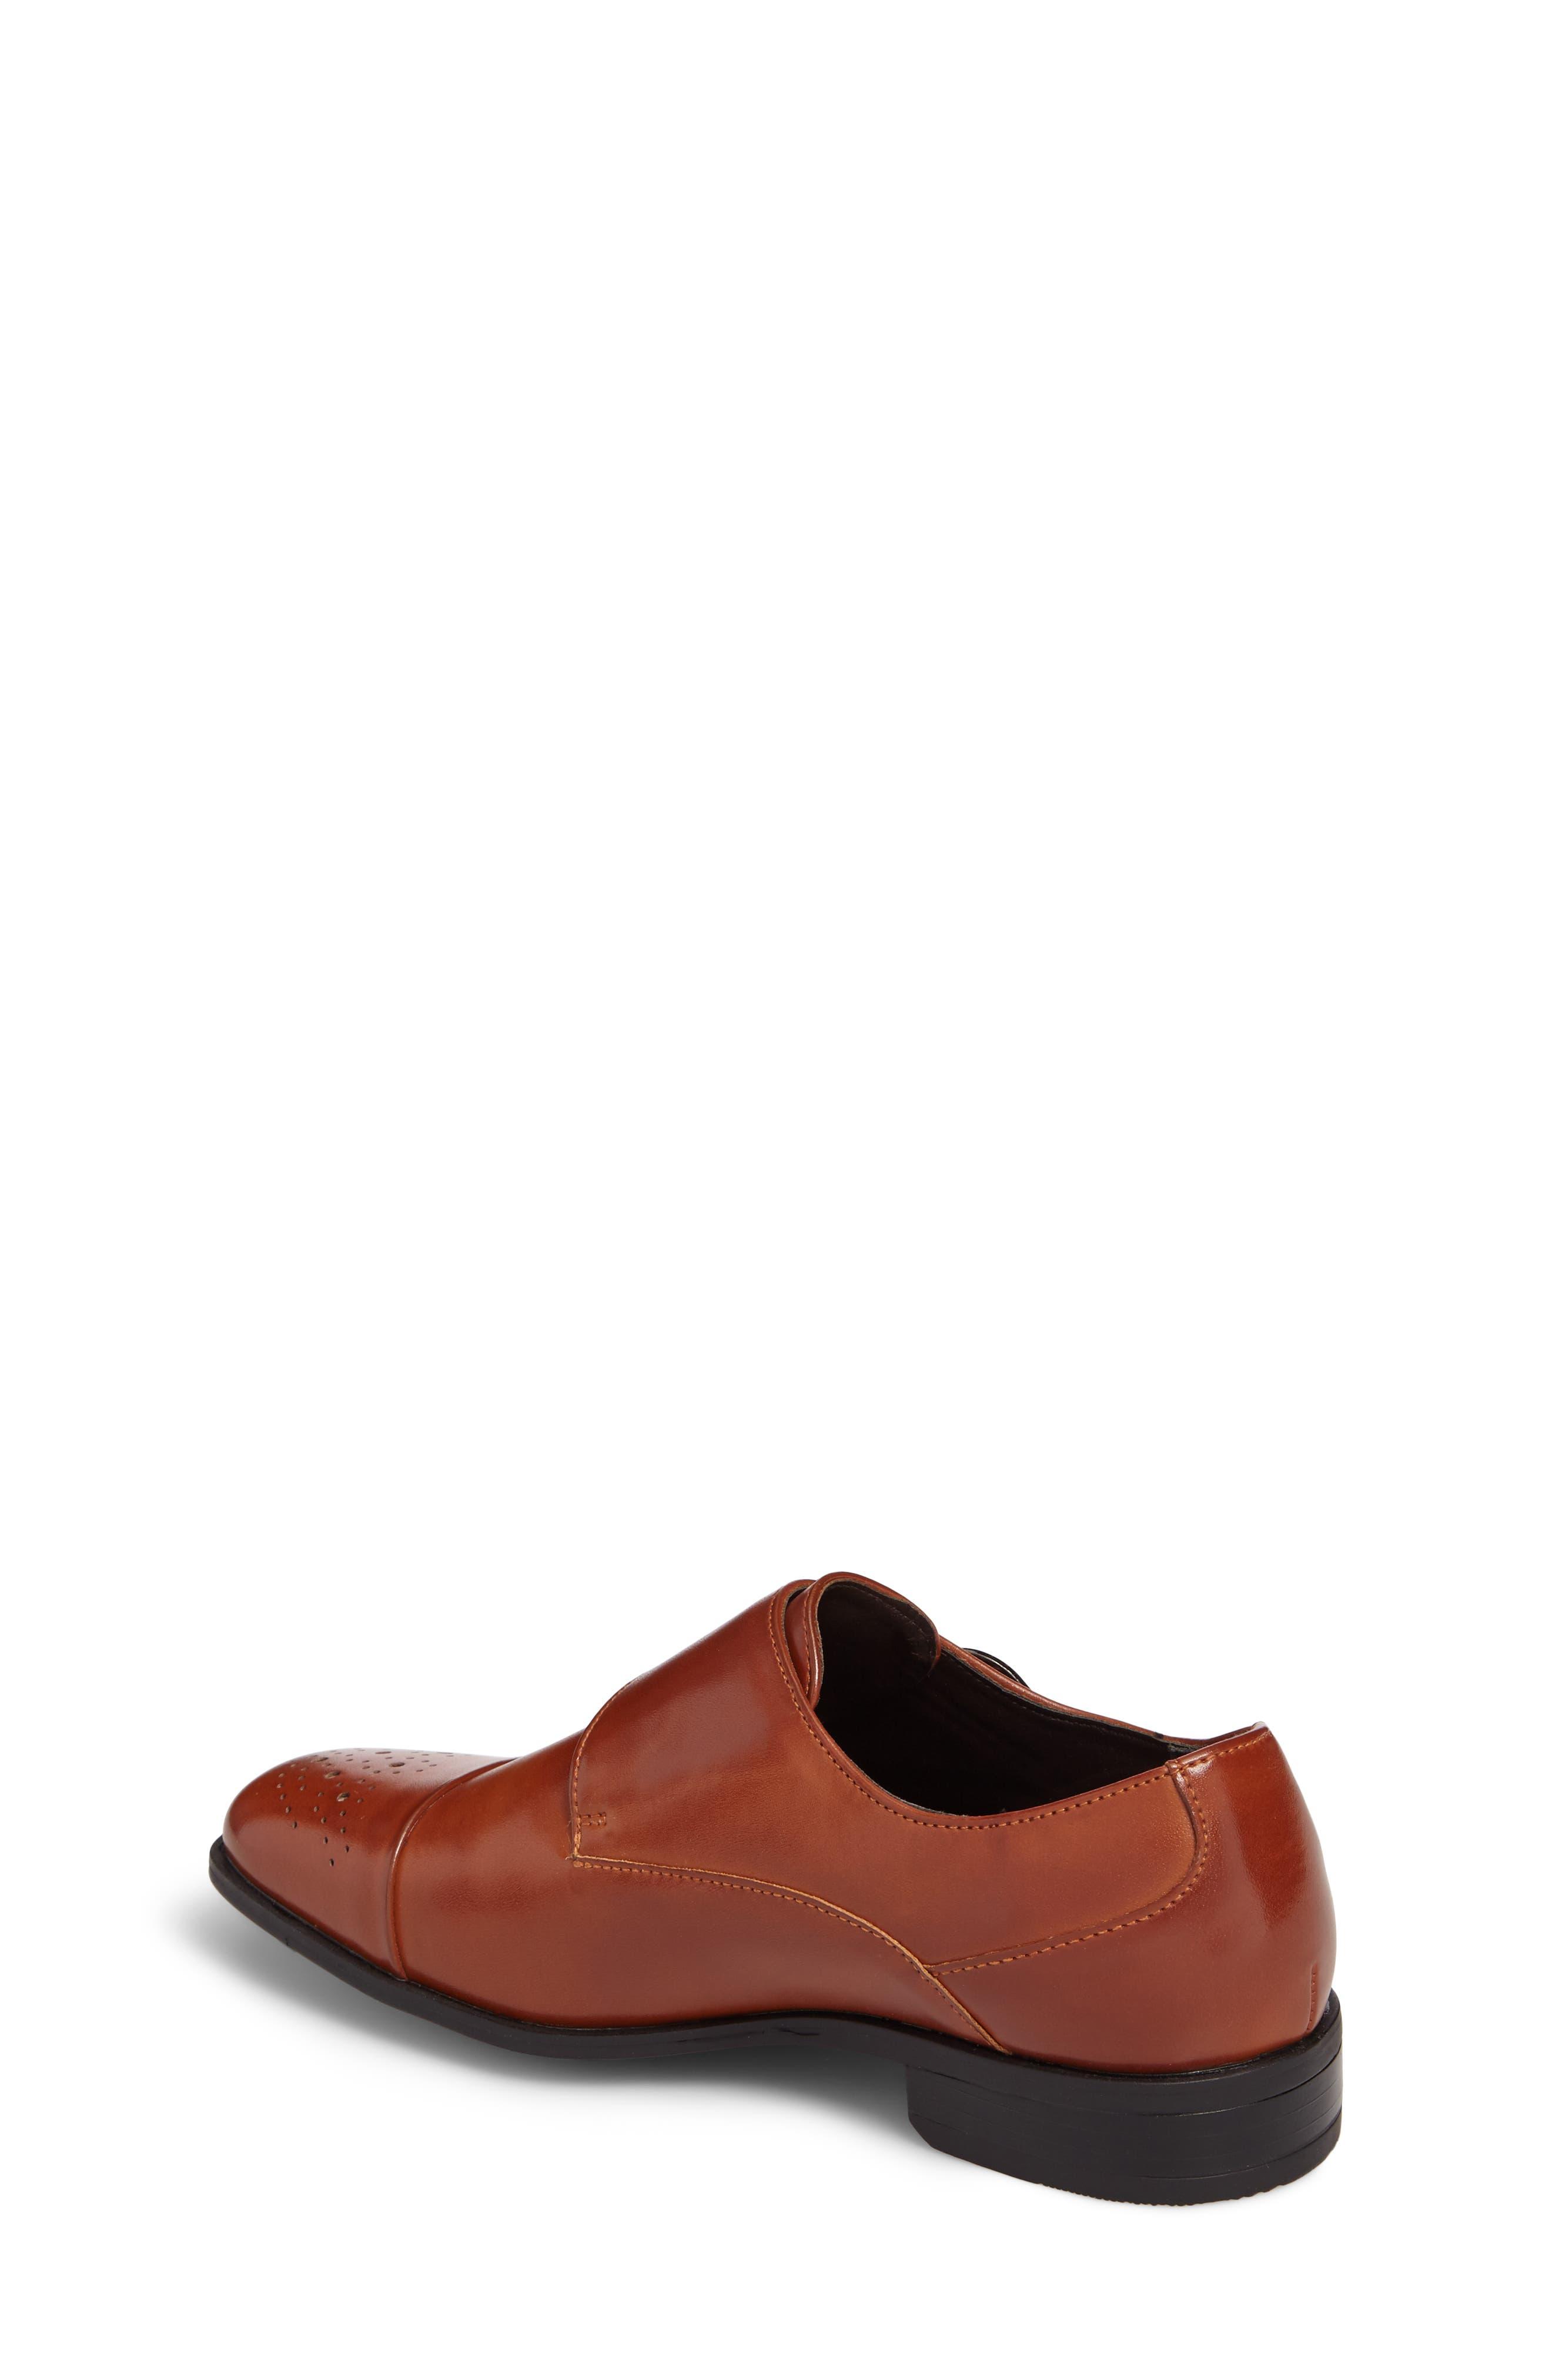 Trevor Cap Toe Monk Shoe,                             Alternate thumbnail 2, color,                             Cognac